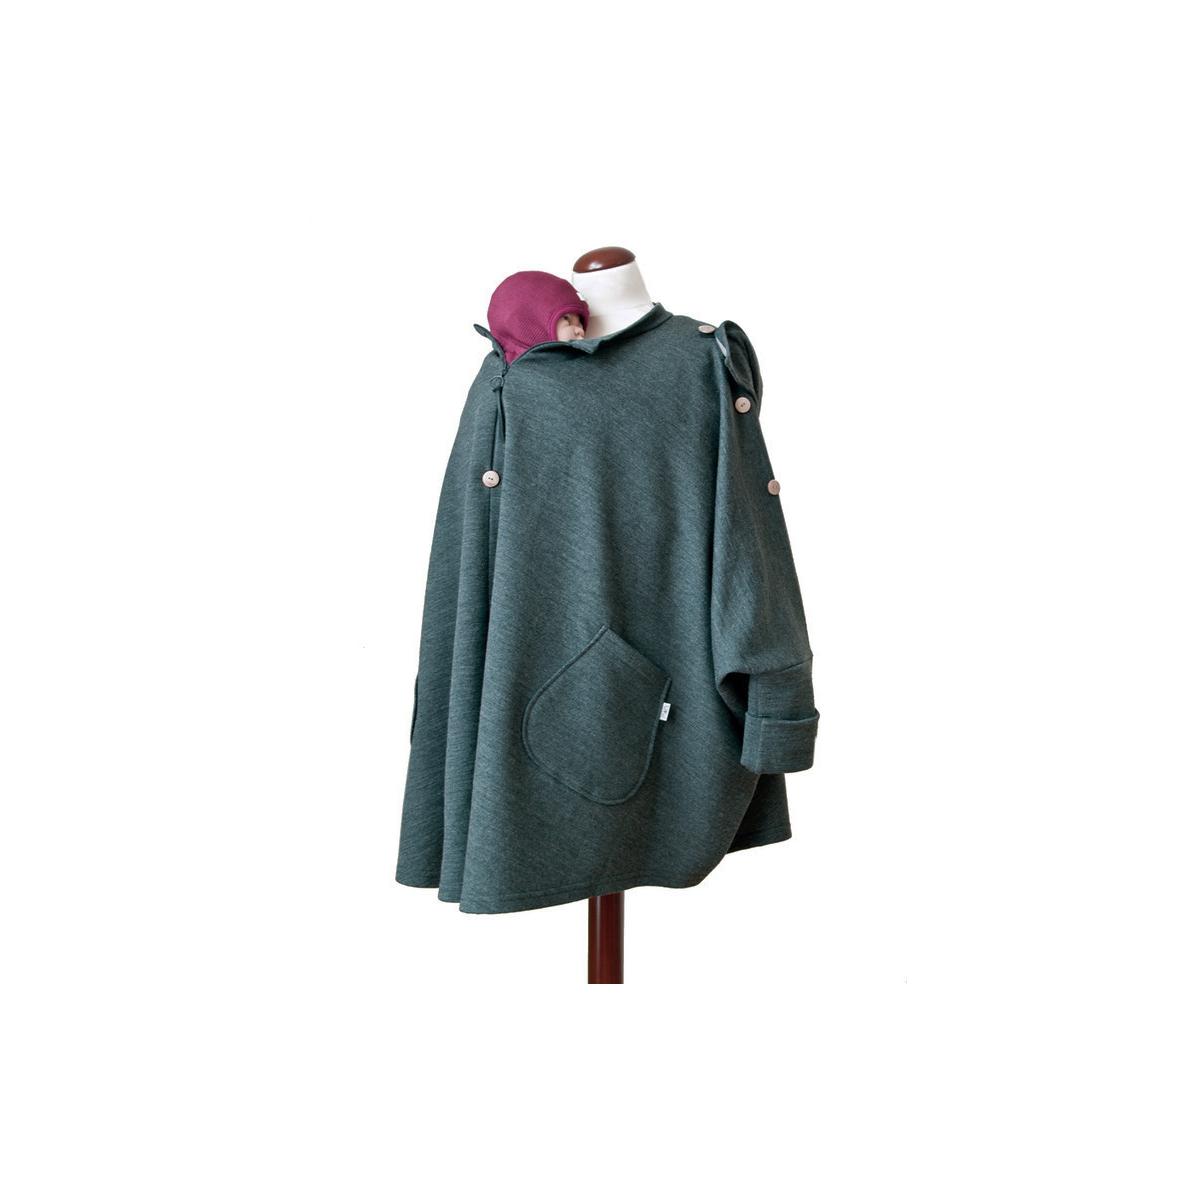 Poncho de maternité en laine Anthracite   - Sebio 6cb260c791e